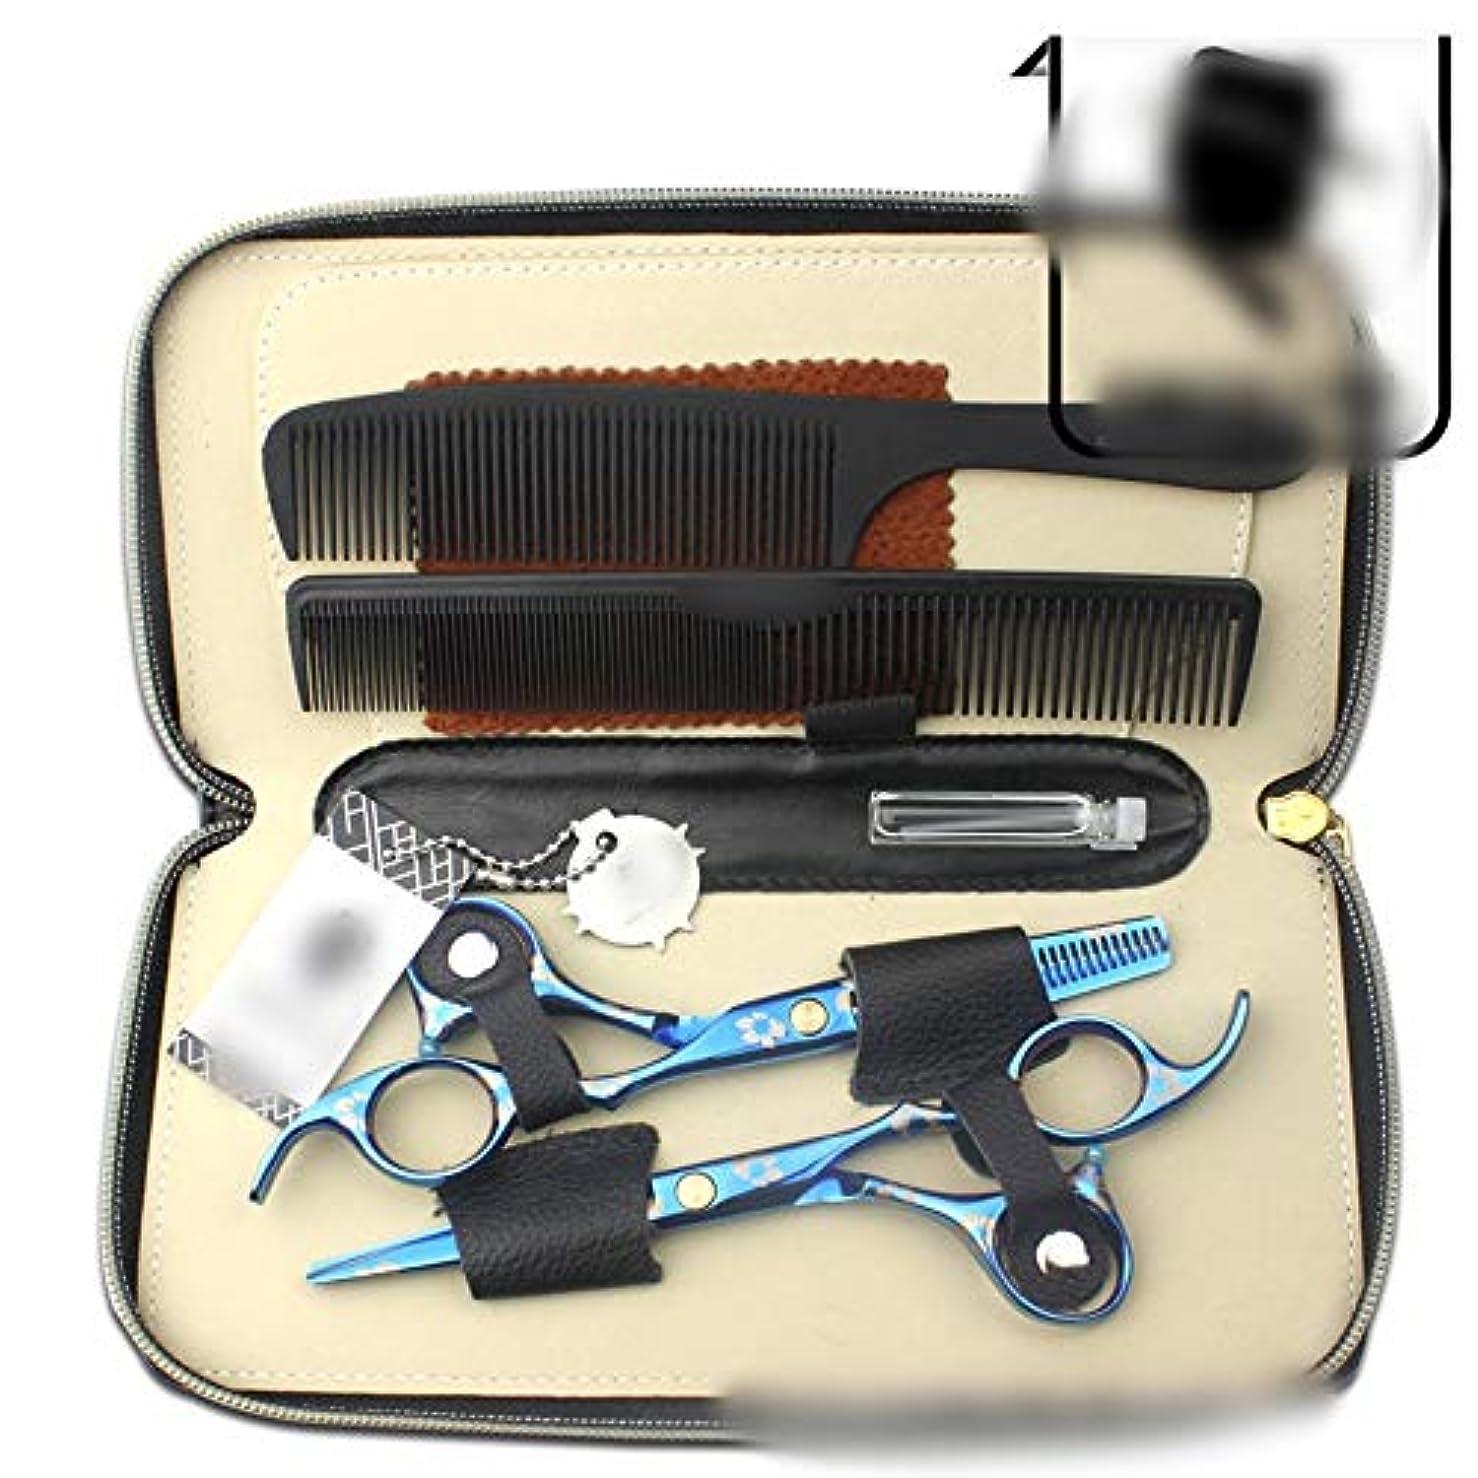 フラフープありがたいハグ6.0インチのヘアカラーはさみセット、ブルーチェリープロ理髪ツールセット ヘアケア (色 : 青)